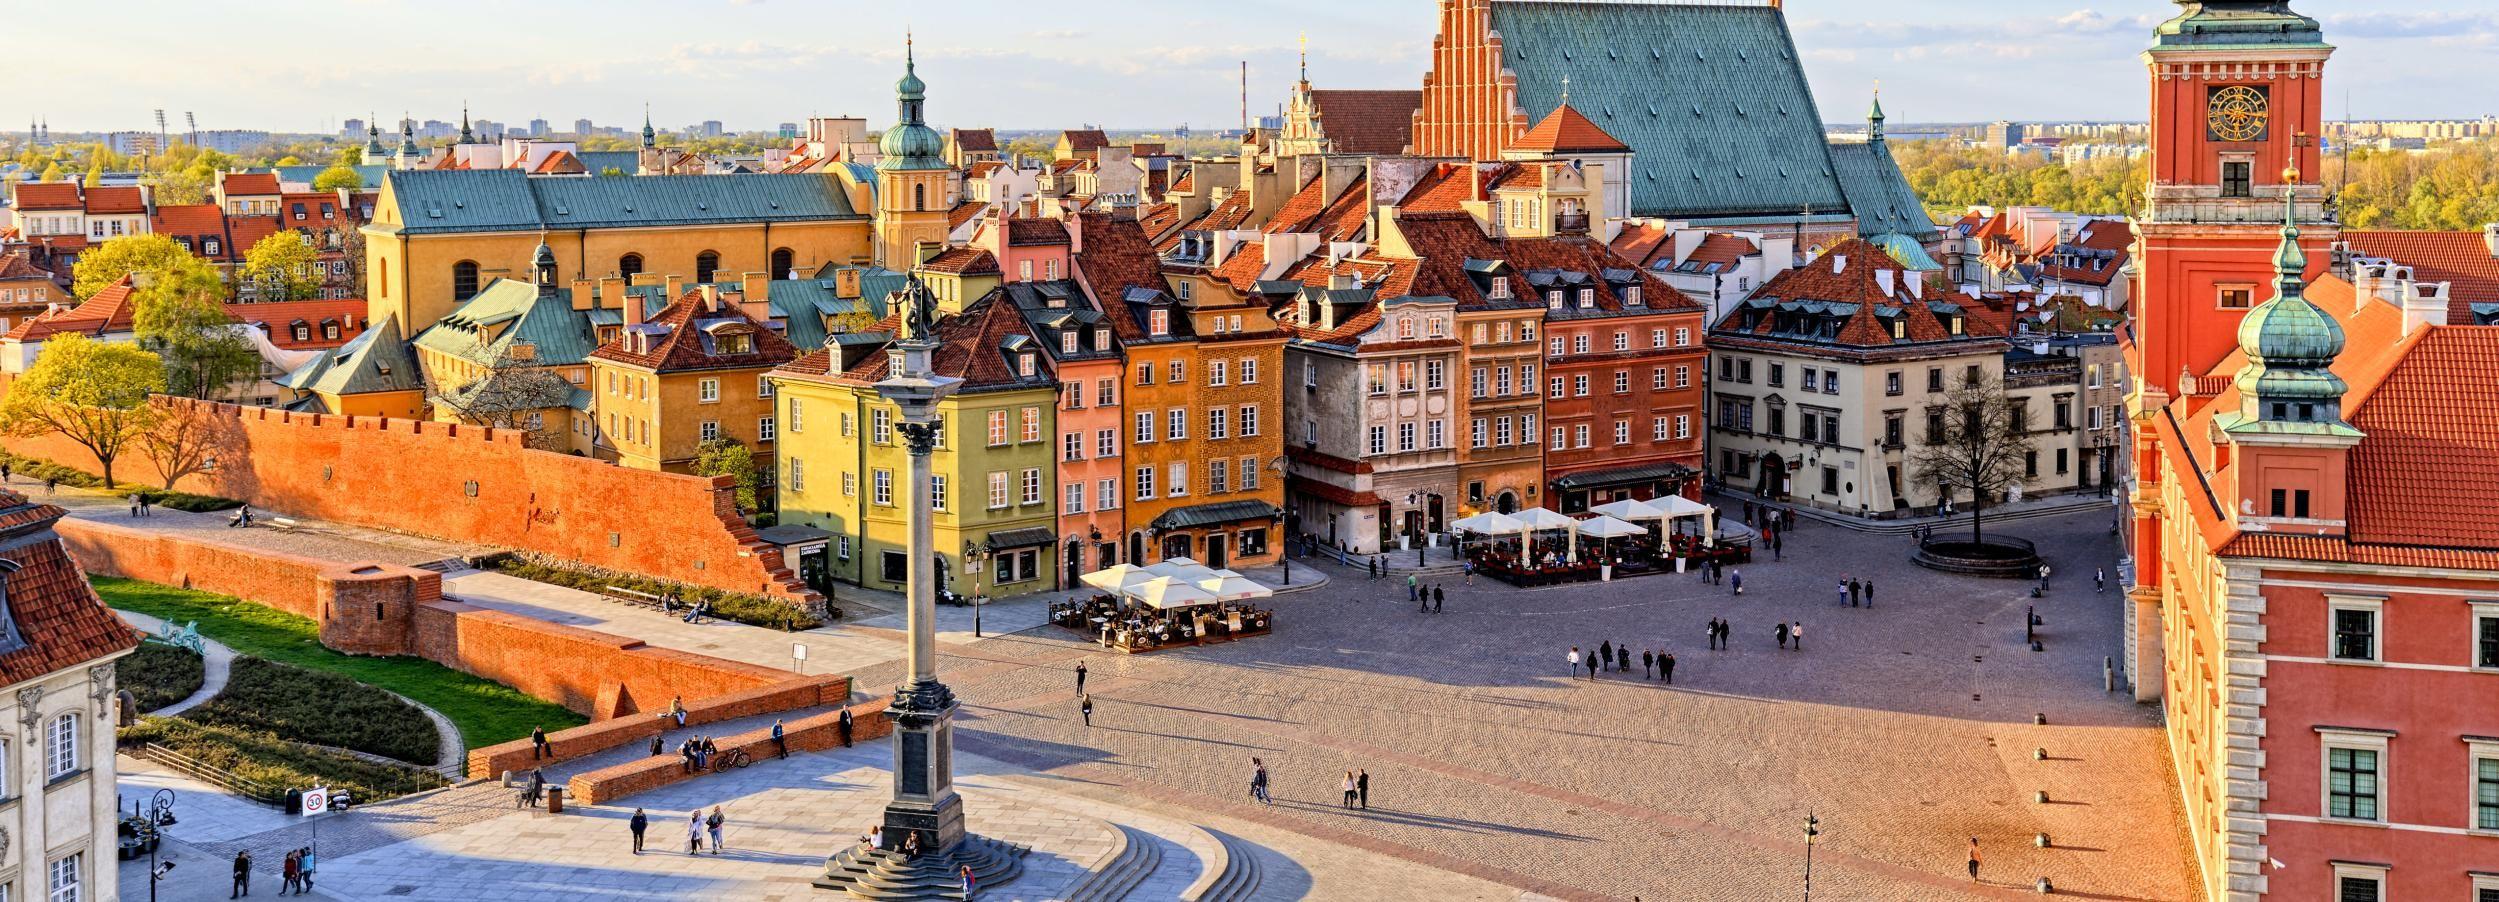 Varsavia: tour pomeridiano della città con prelievo